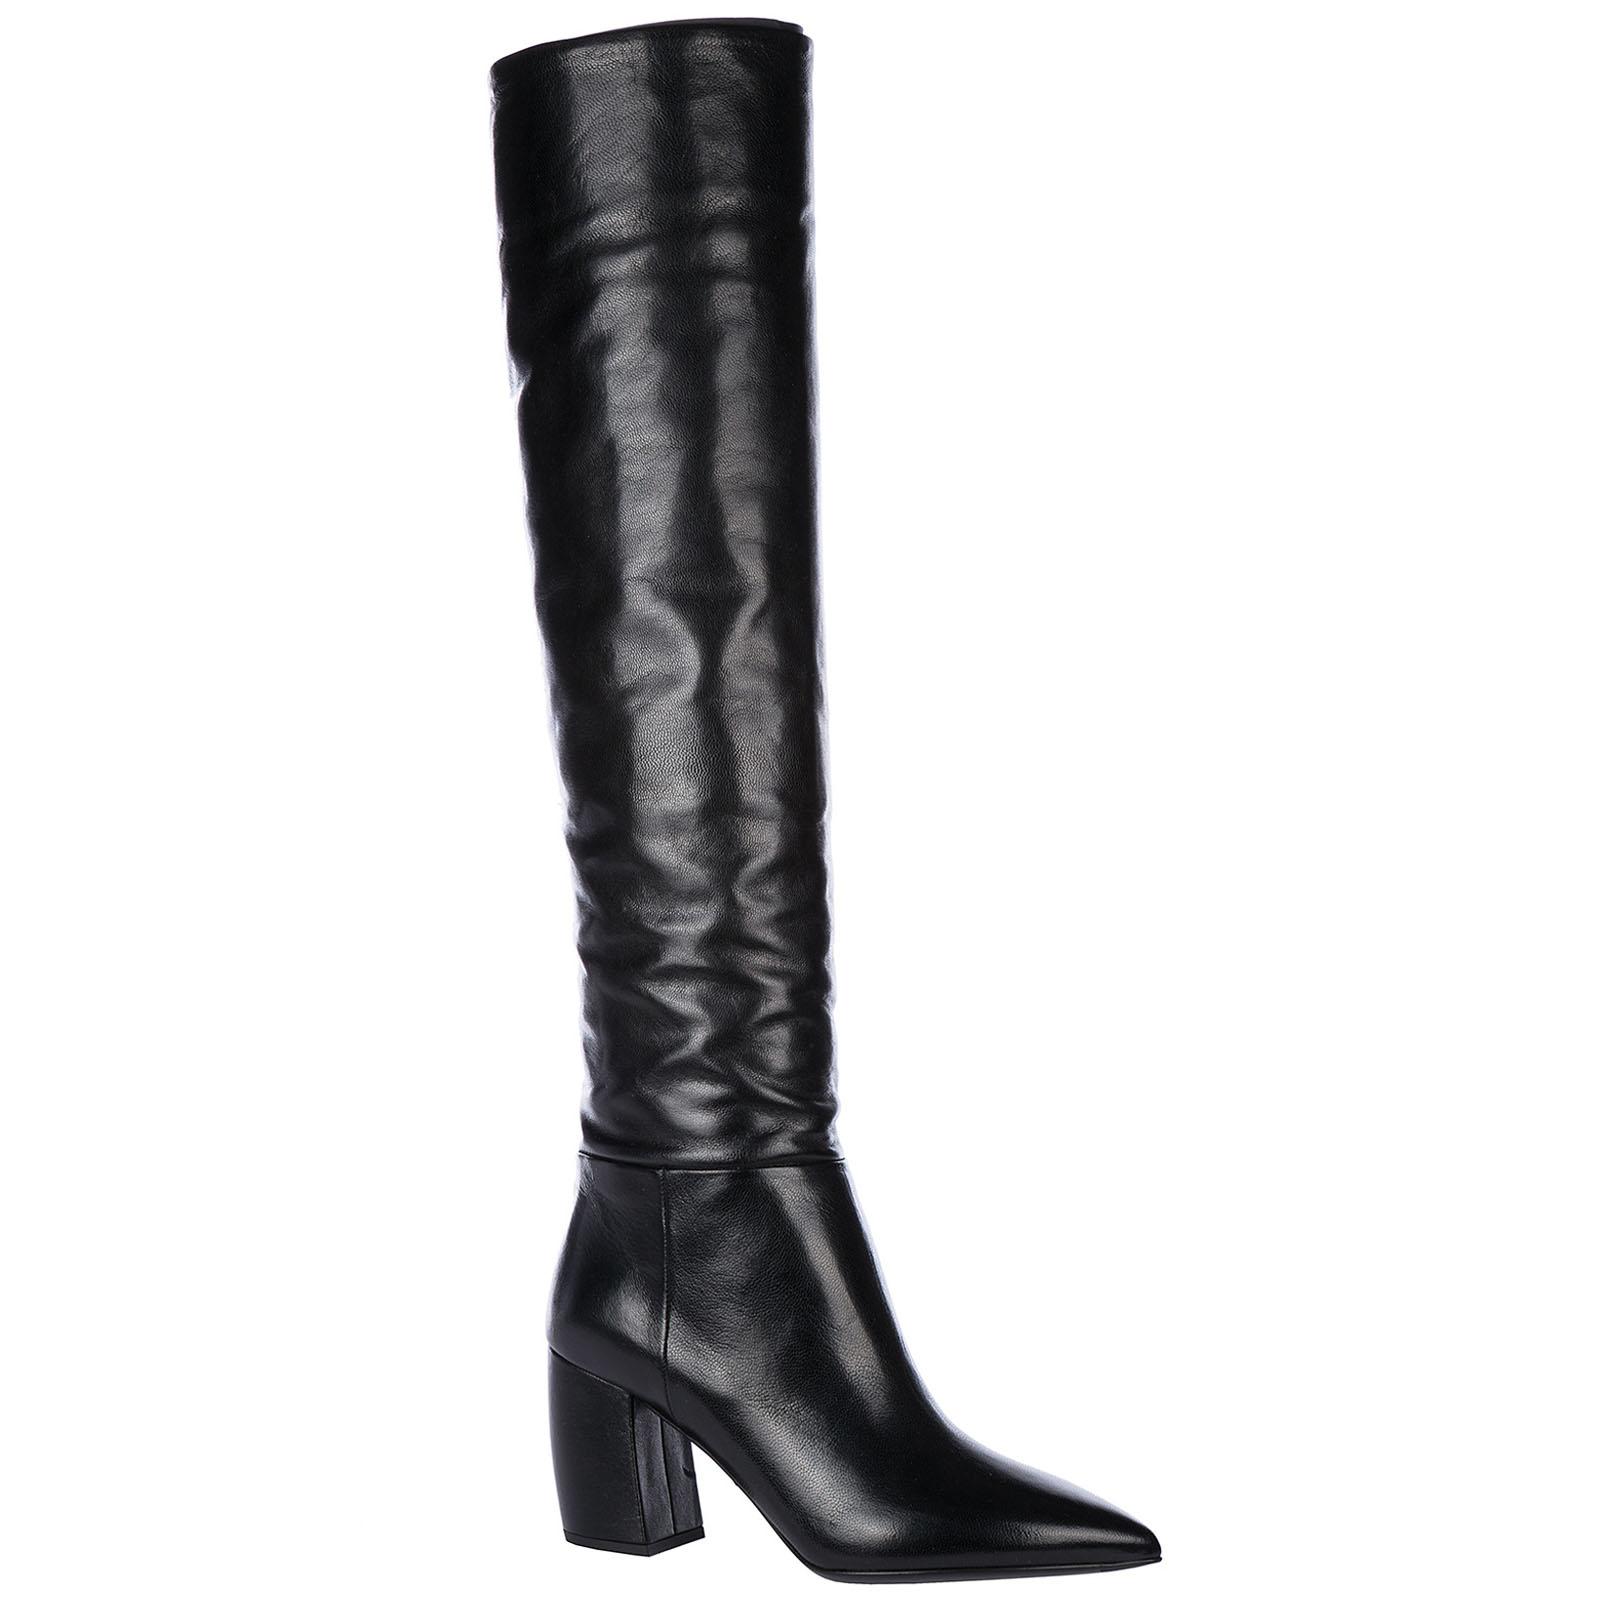 Stivali donna con tacco pelle Stivali donna con tacco pelle ... 879c6b25512